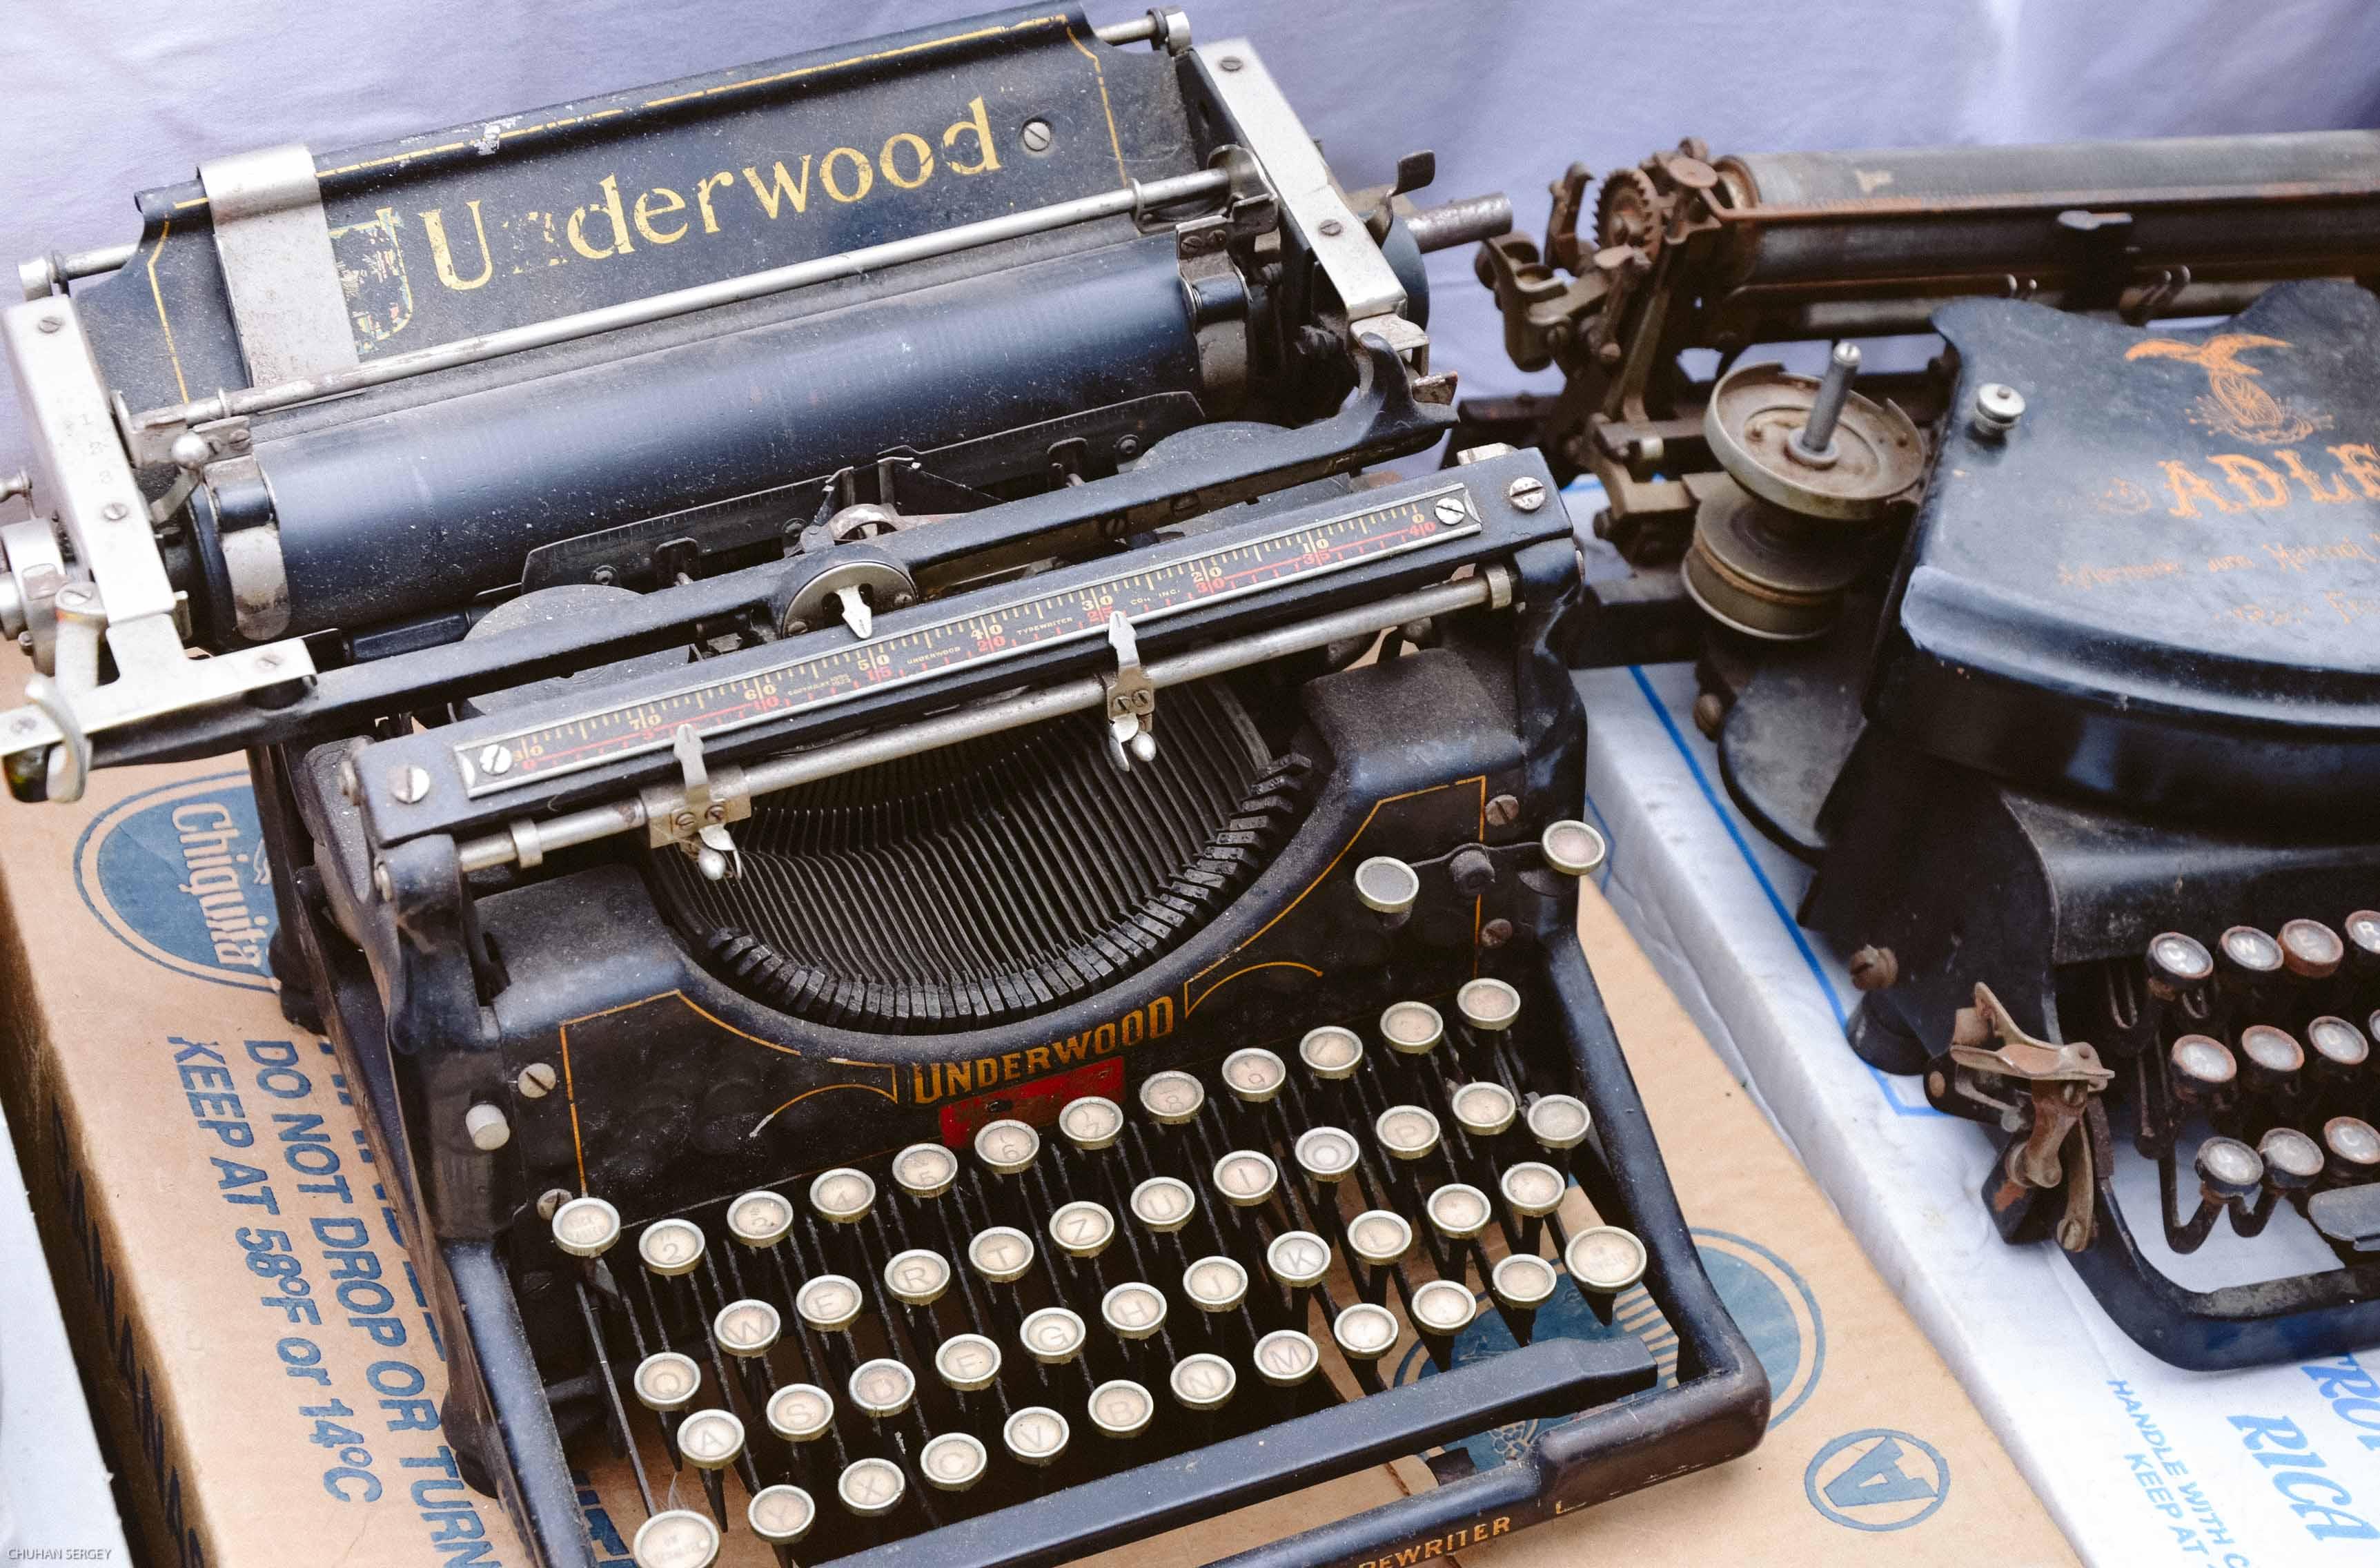 Фотогеничная печатная машинка на блошином рынке Канцлай в Цюрихе. Швейцария: Цюрих и окрестности за 48 часов